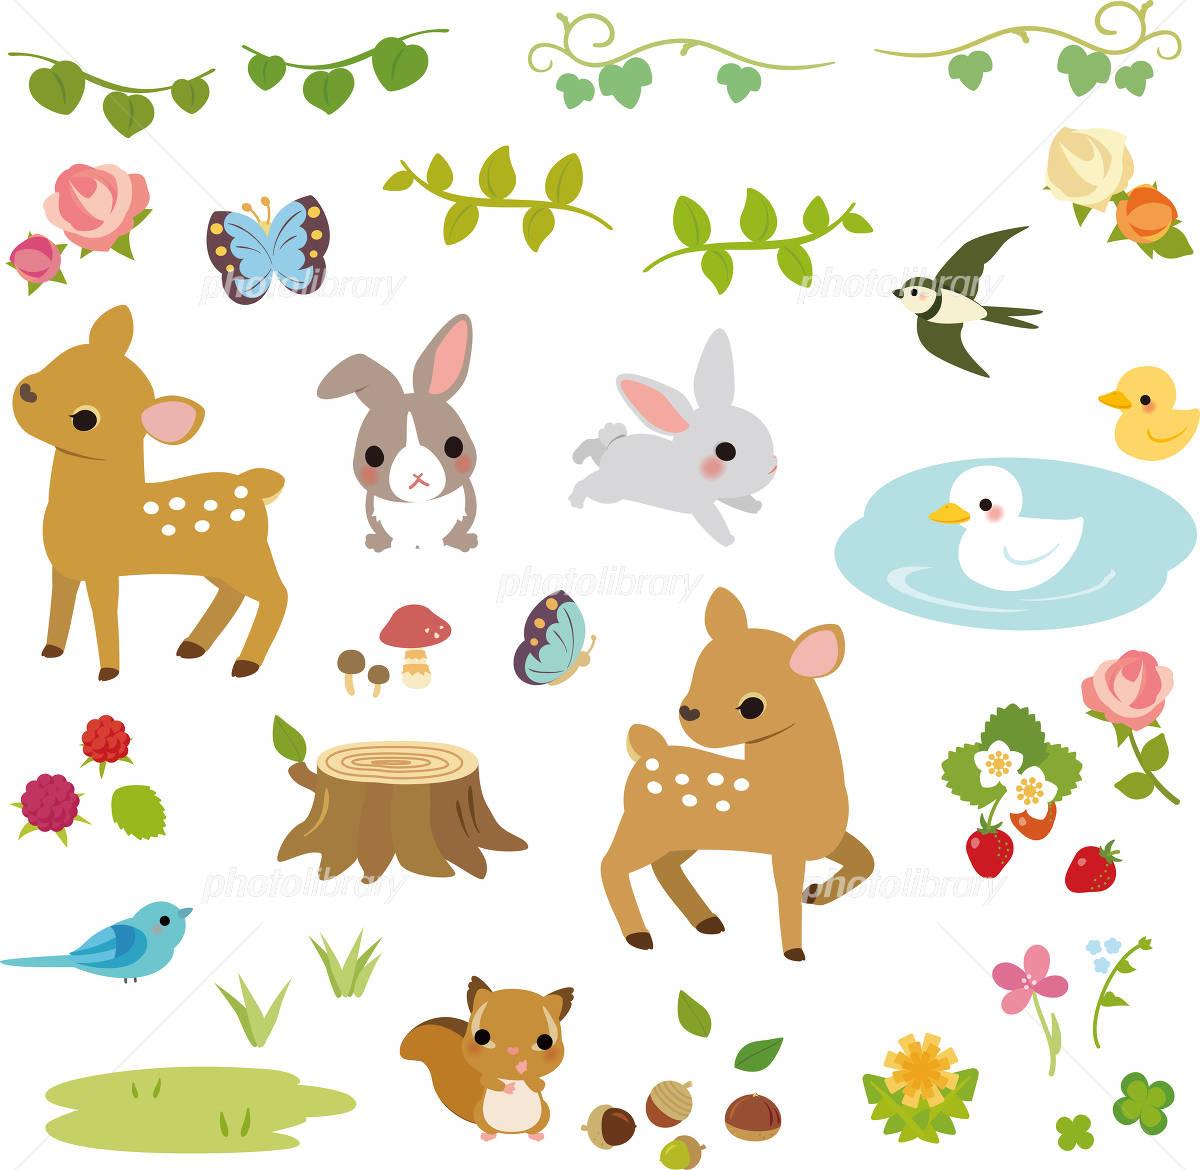 森の小動物と草花 イラスト素材 2856674 フォトライブラリー